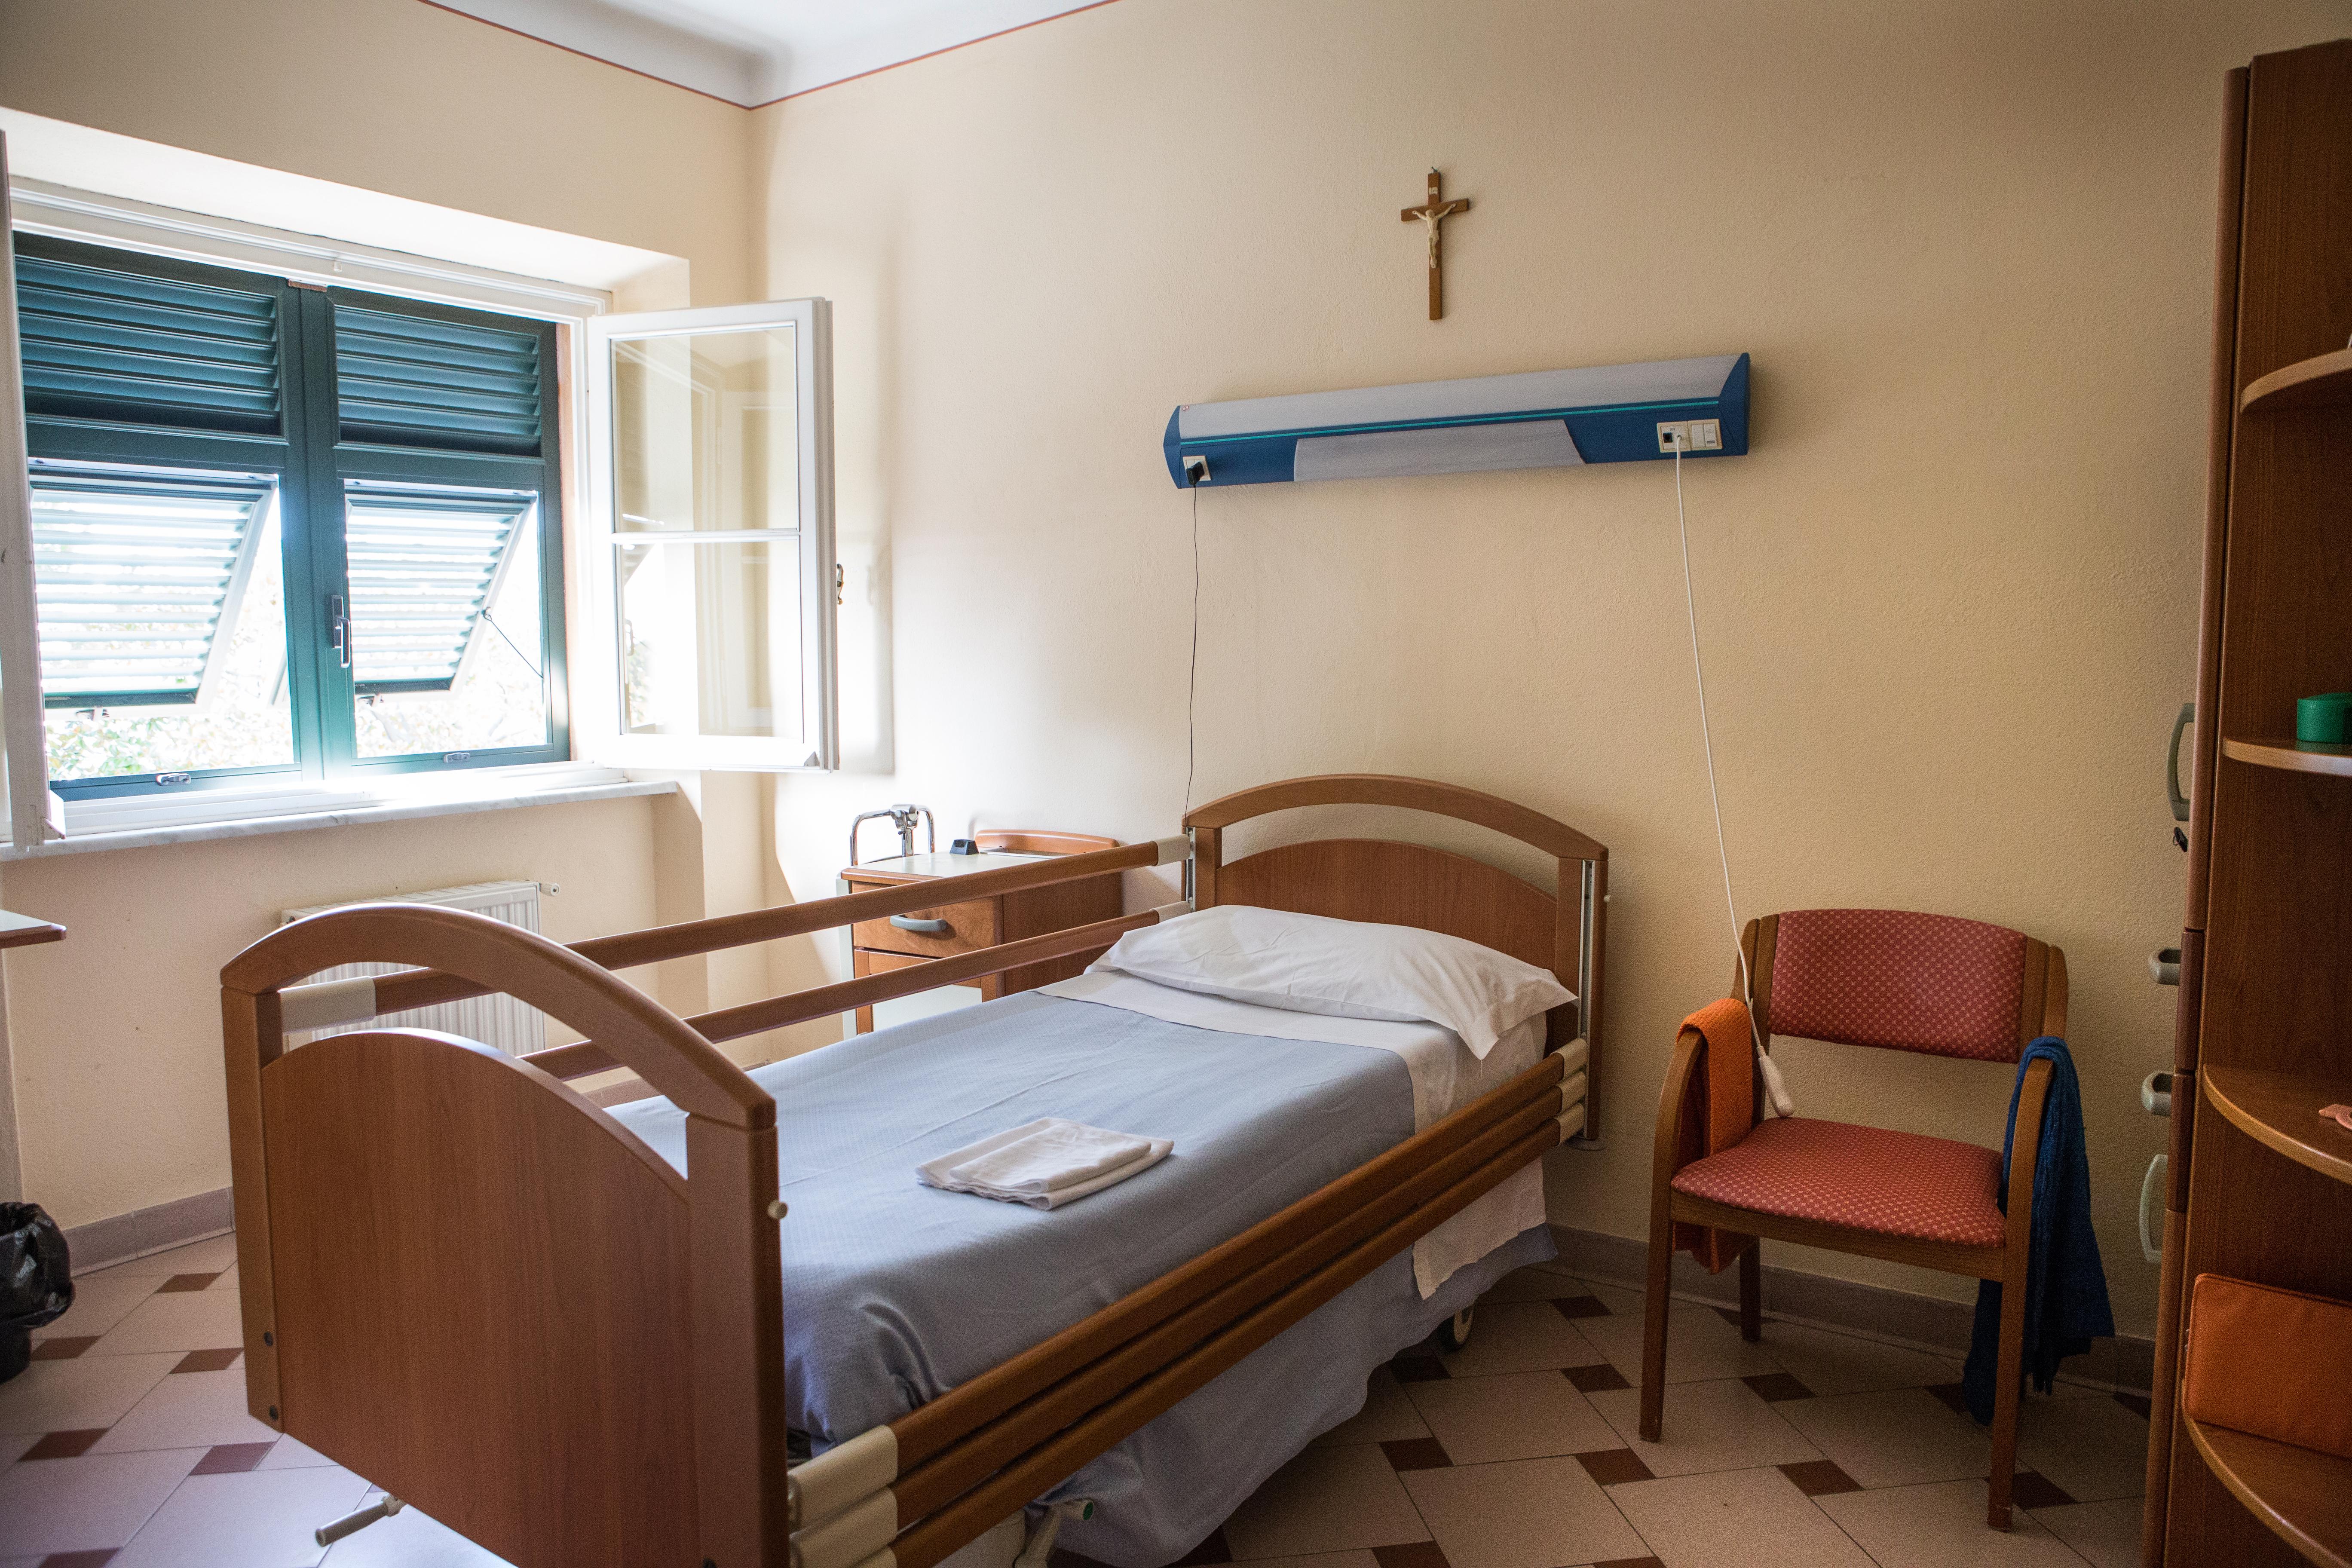 Casa di riposo Torriglia - camera finestra